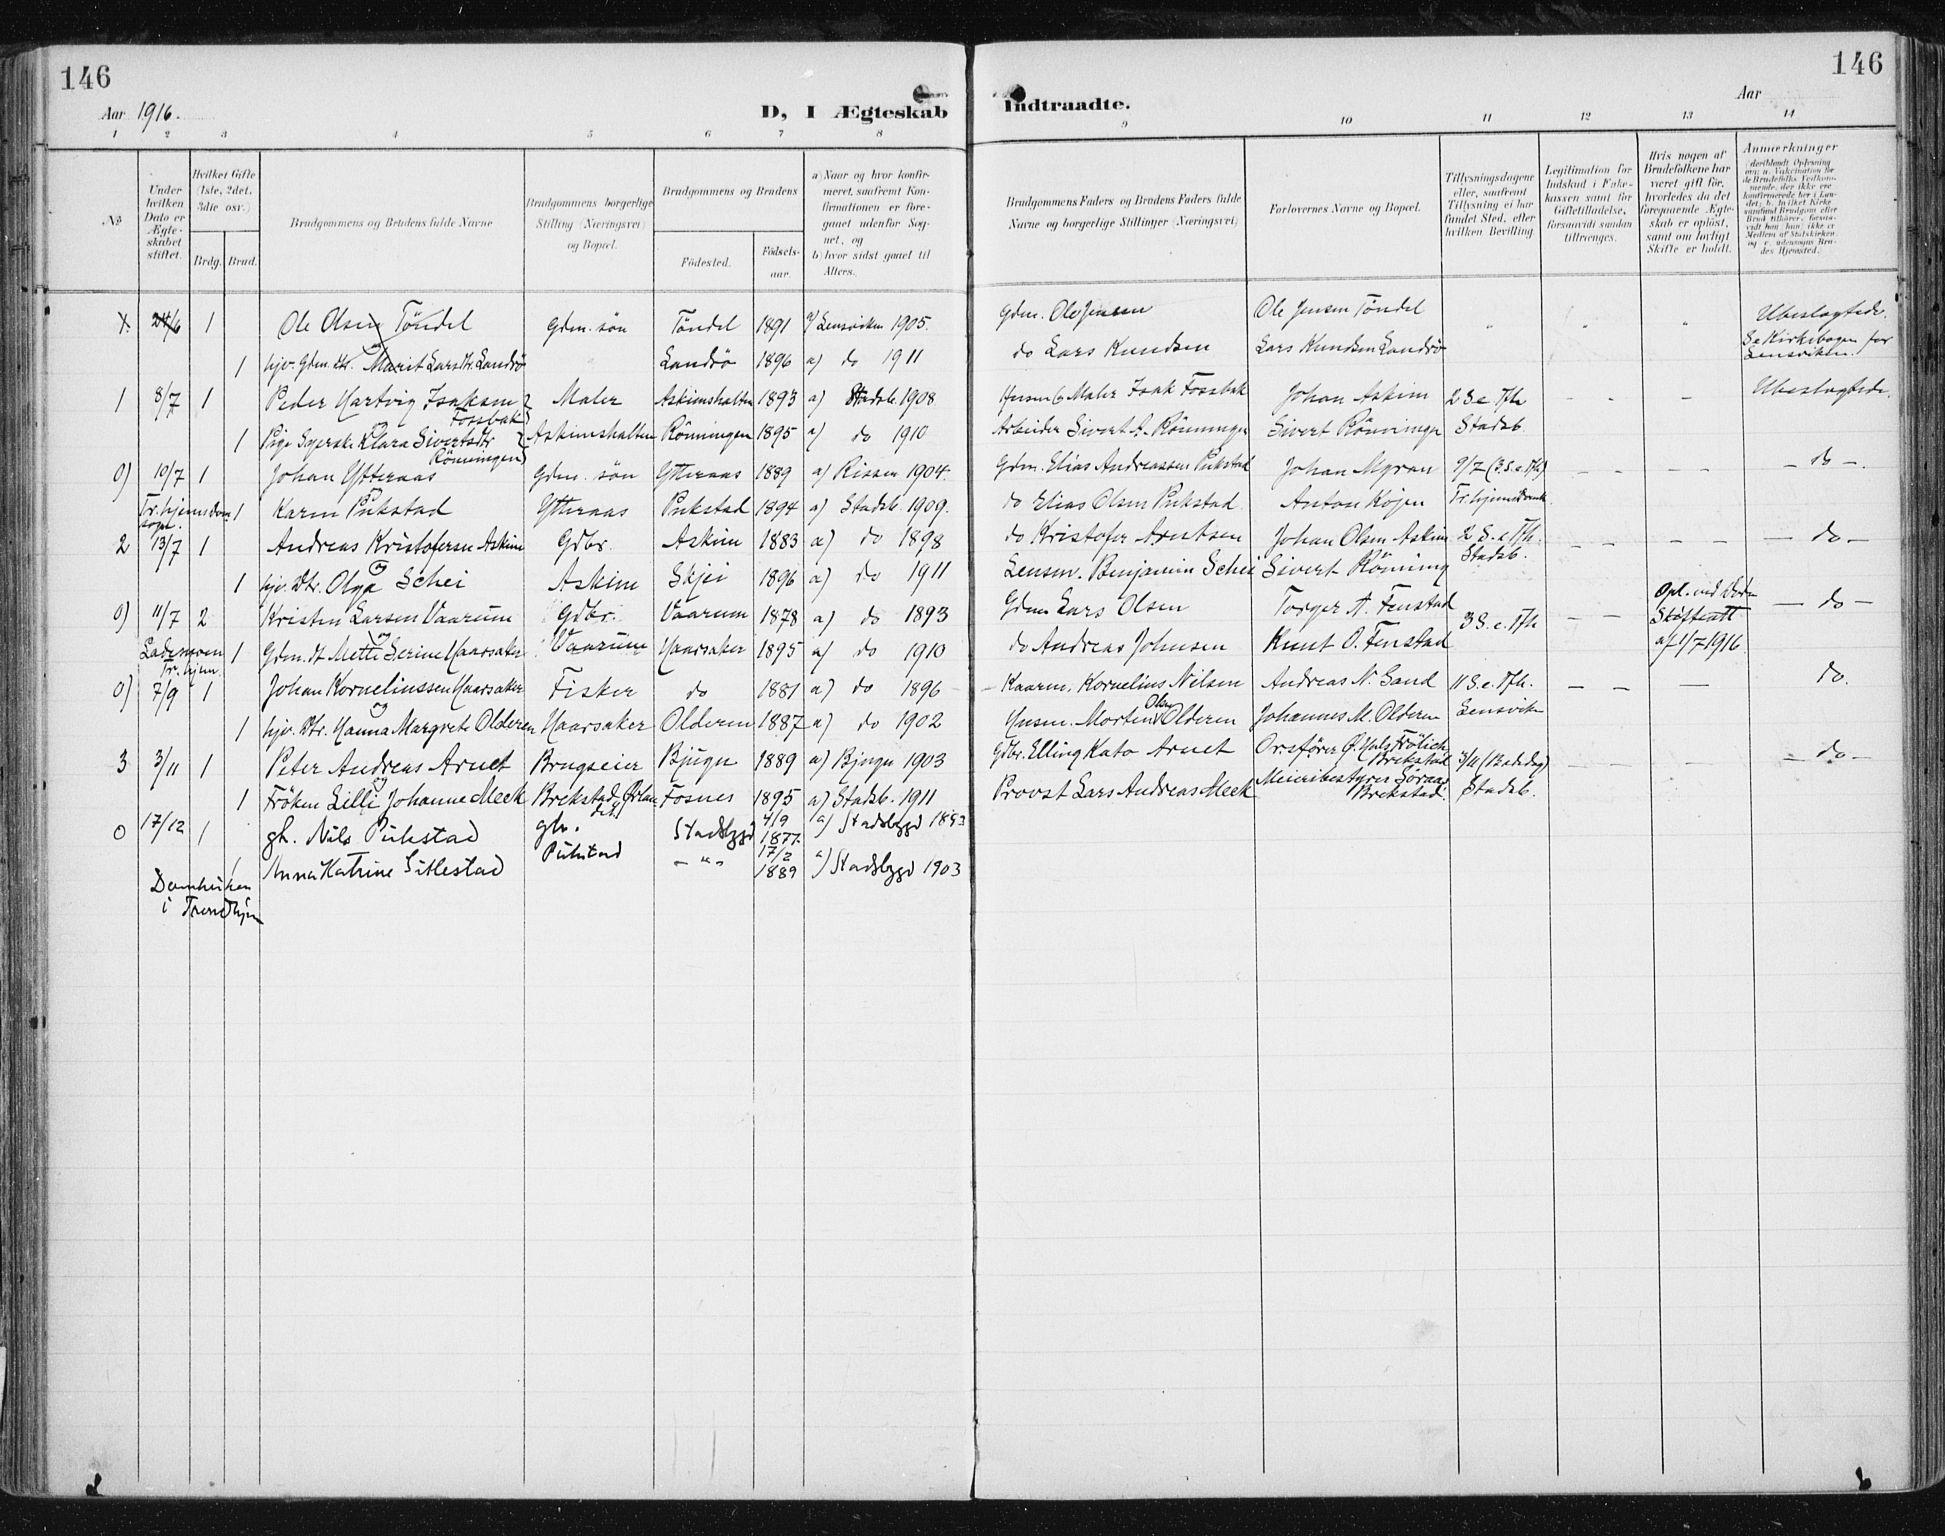 SAT, Ministerialprotokoller, klokkerbøker og fødselsregistre - Sør-Trøndelag, 646/L0616: Ministerialbok nr. 646A14, 1900-1918, s. 146